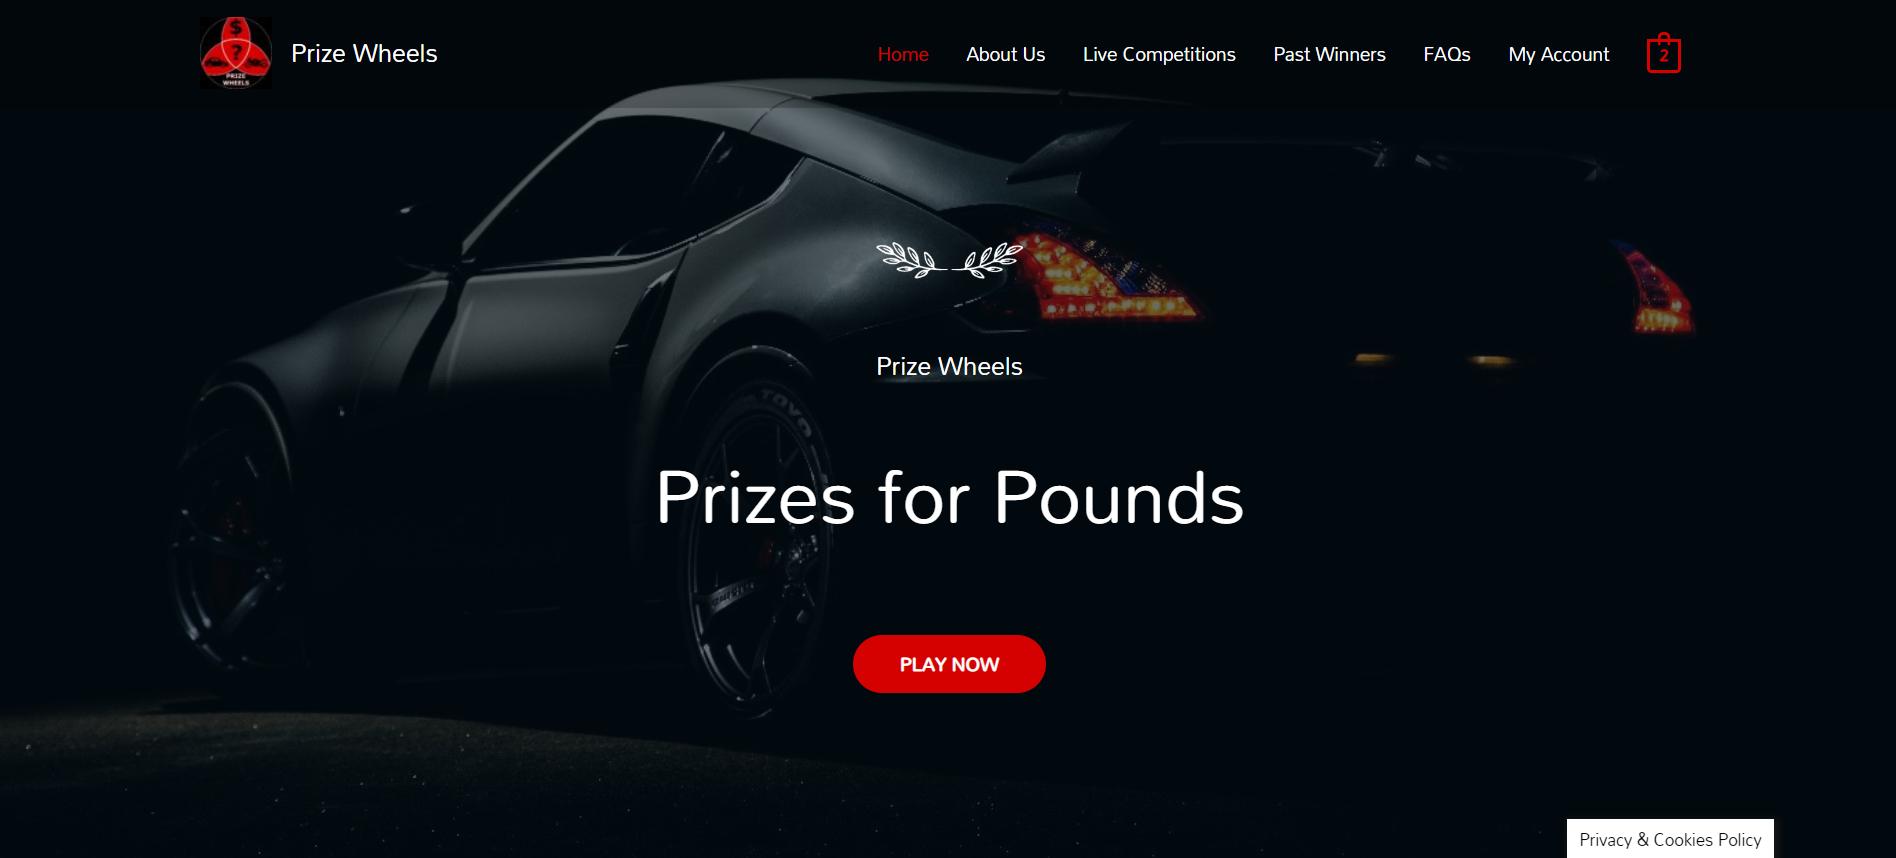 Prize Wheels